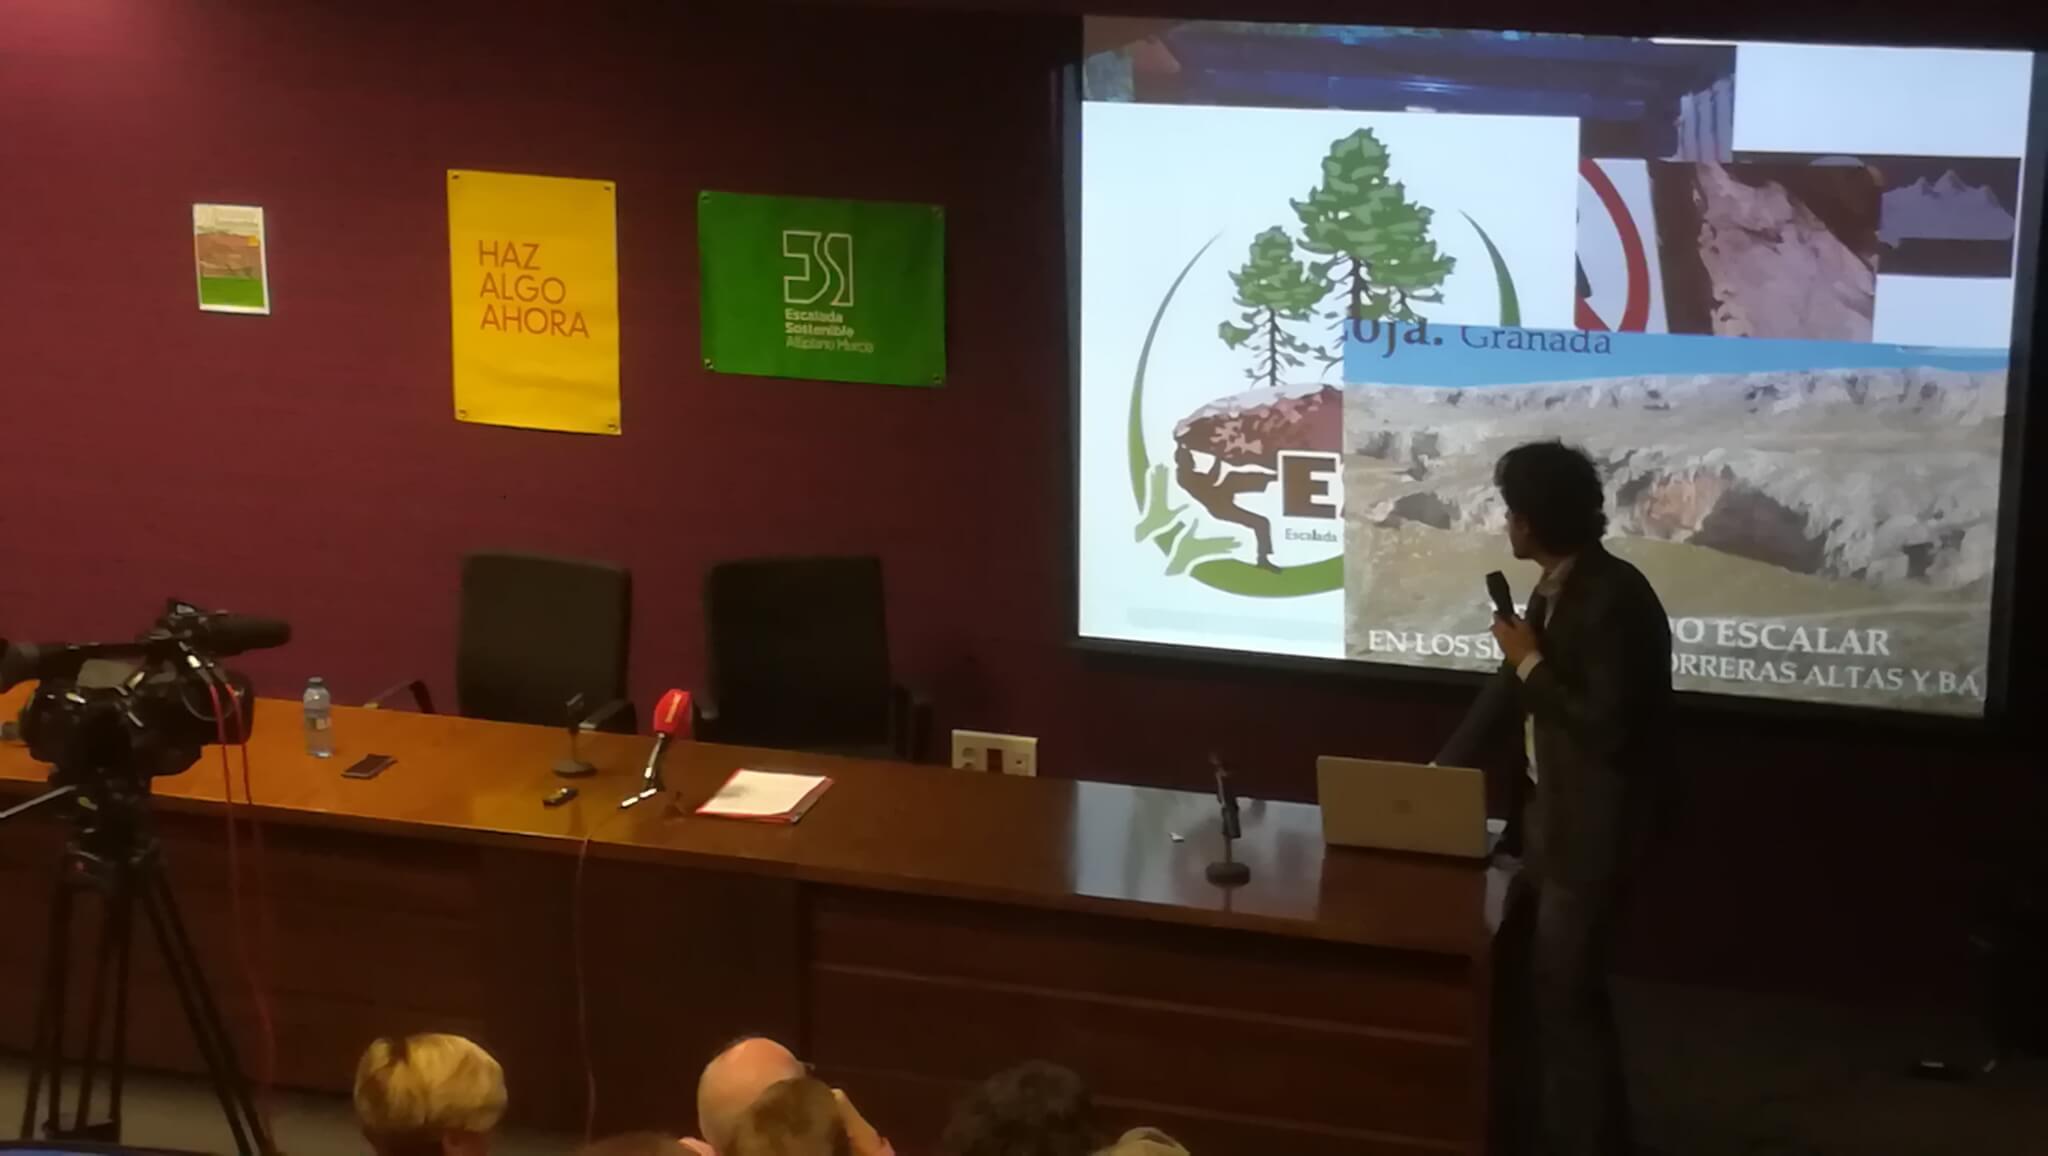 El abogado Alejandro López en la Charla-coloquio Escalada y normativa. Los peligros del vacío. En Jumilla (Murcia), 18 de abril de 2018.